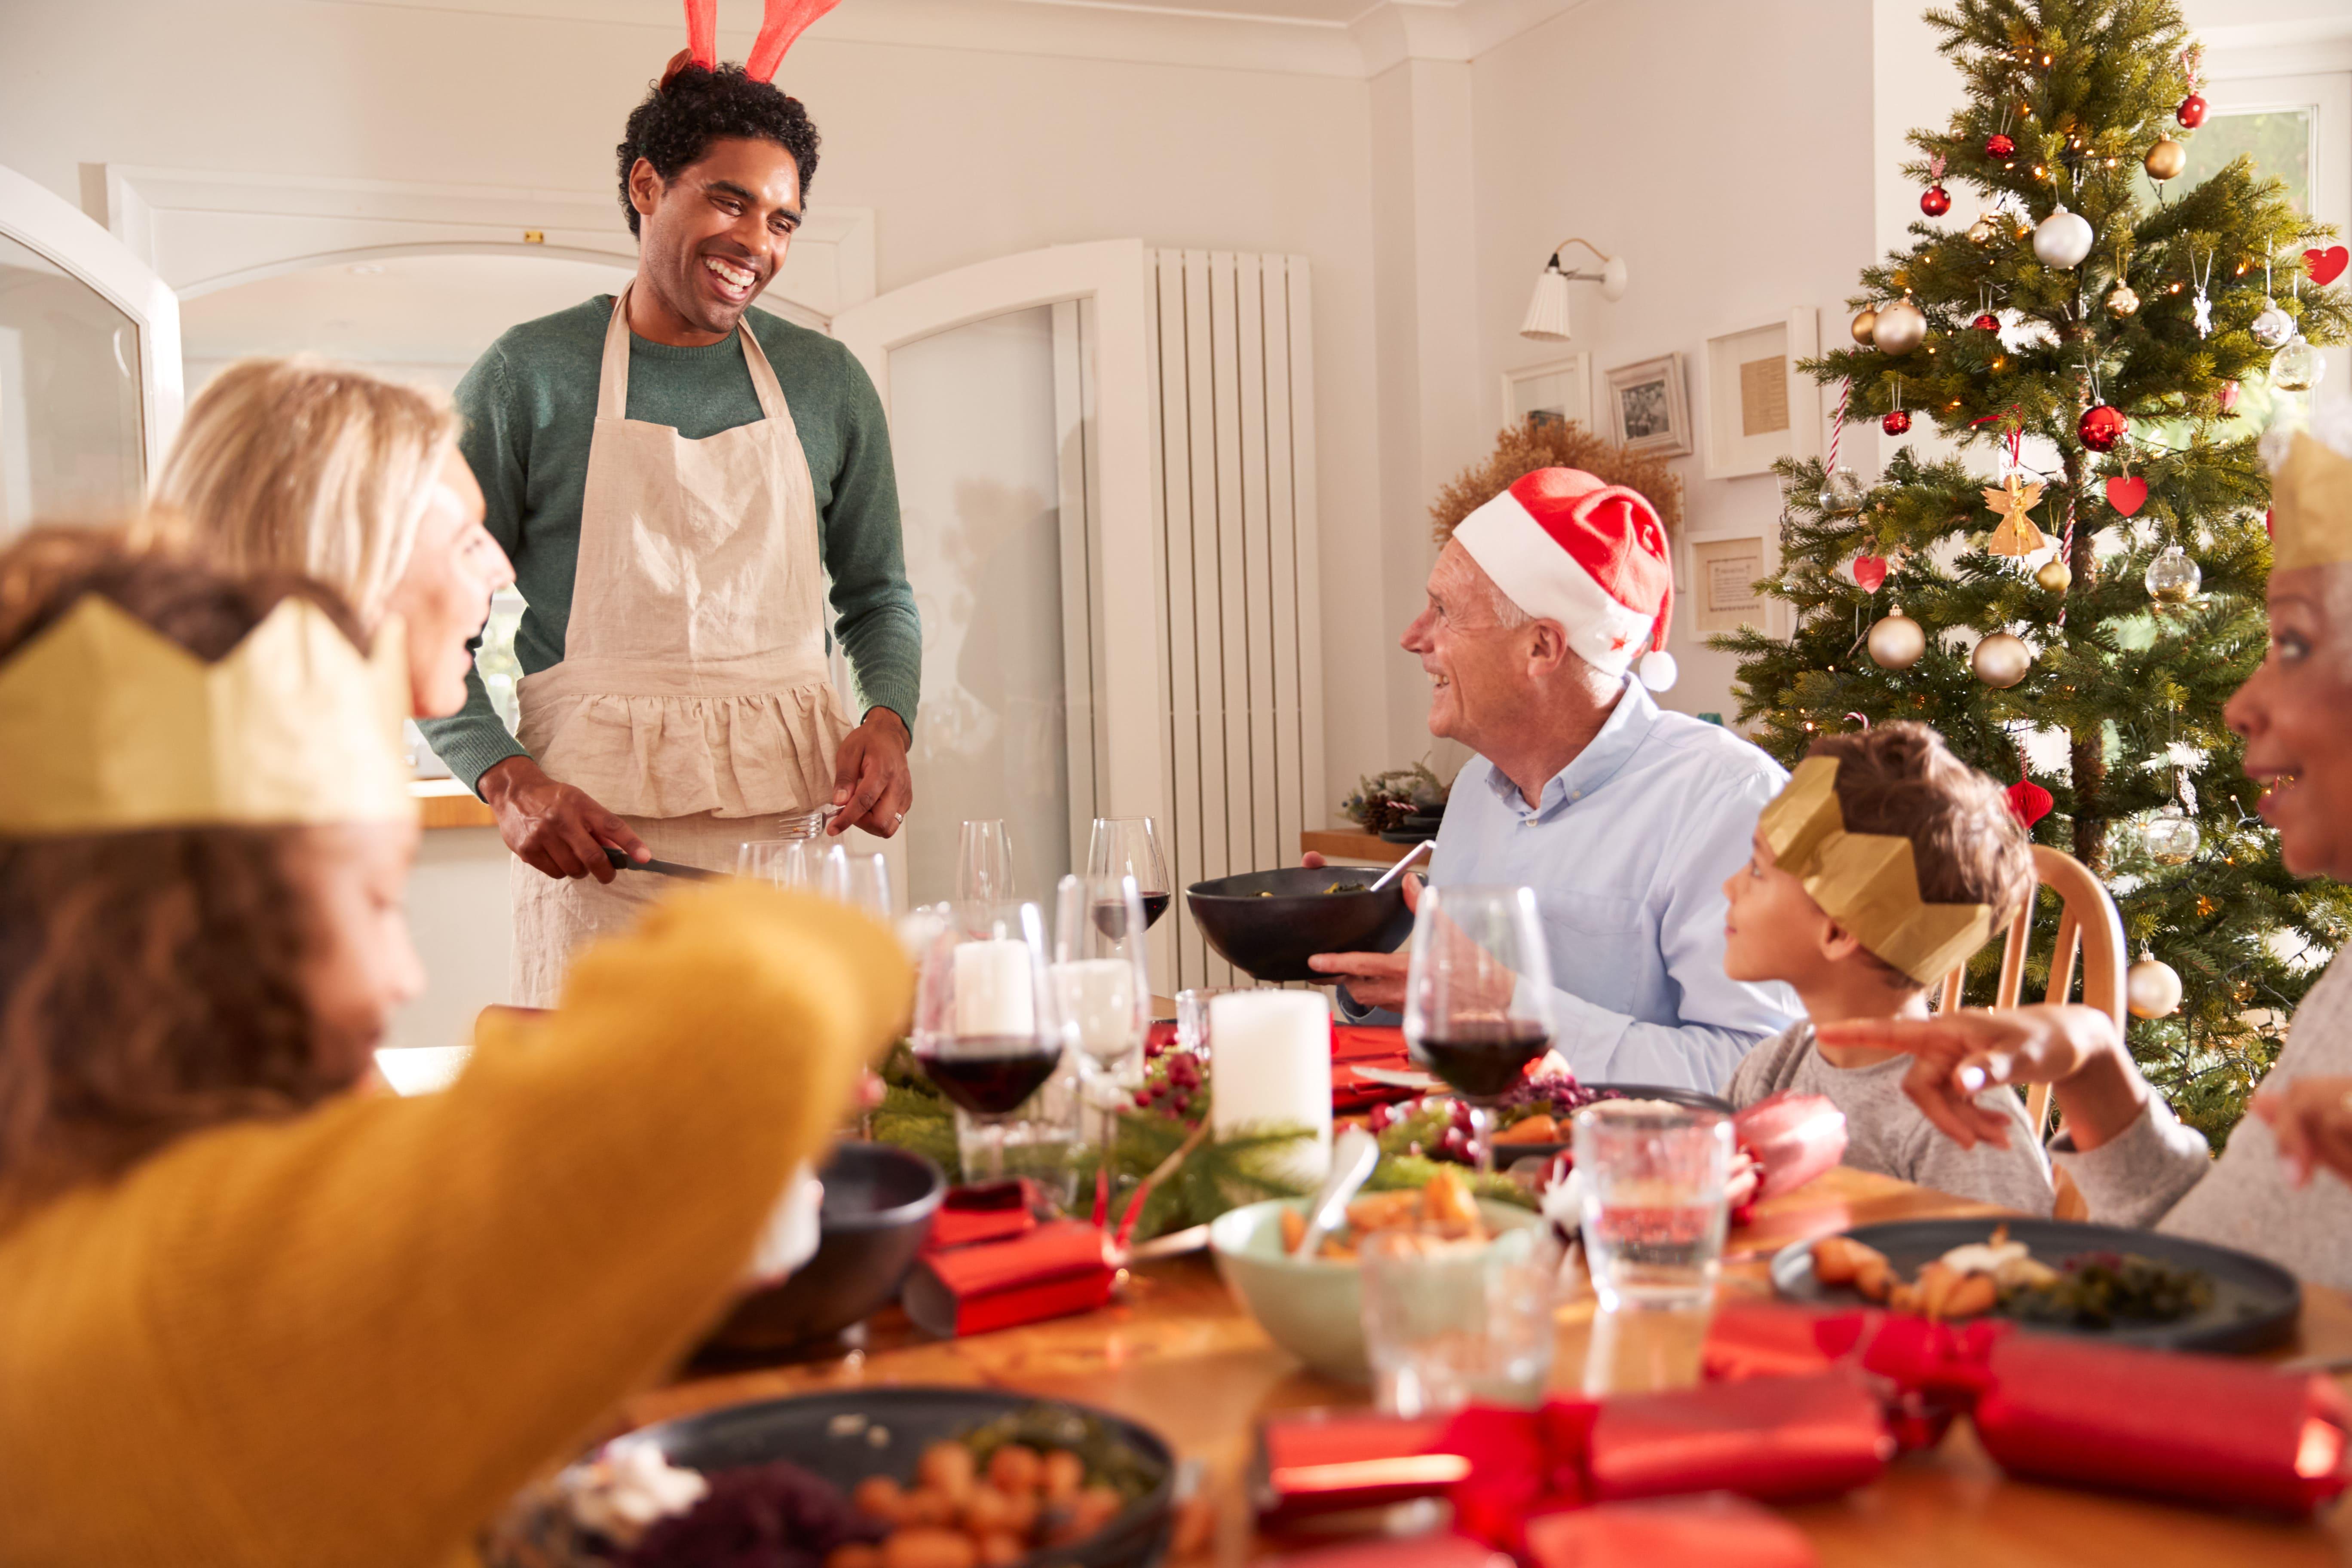 Erwartungen zu reduzieren hilft dabei das Fest genießen zu können